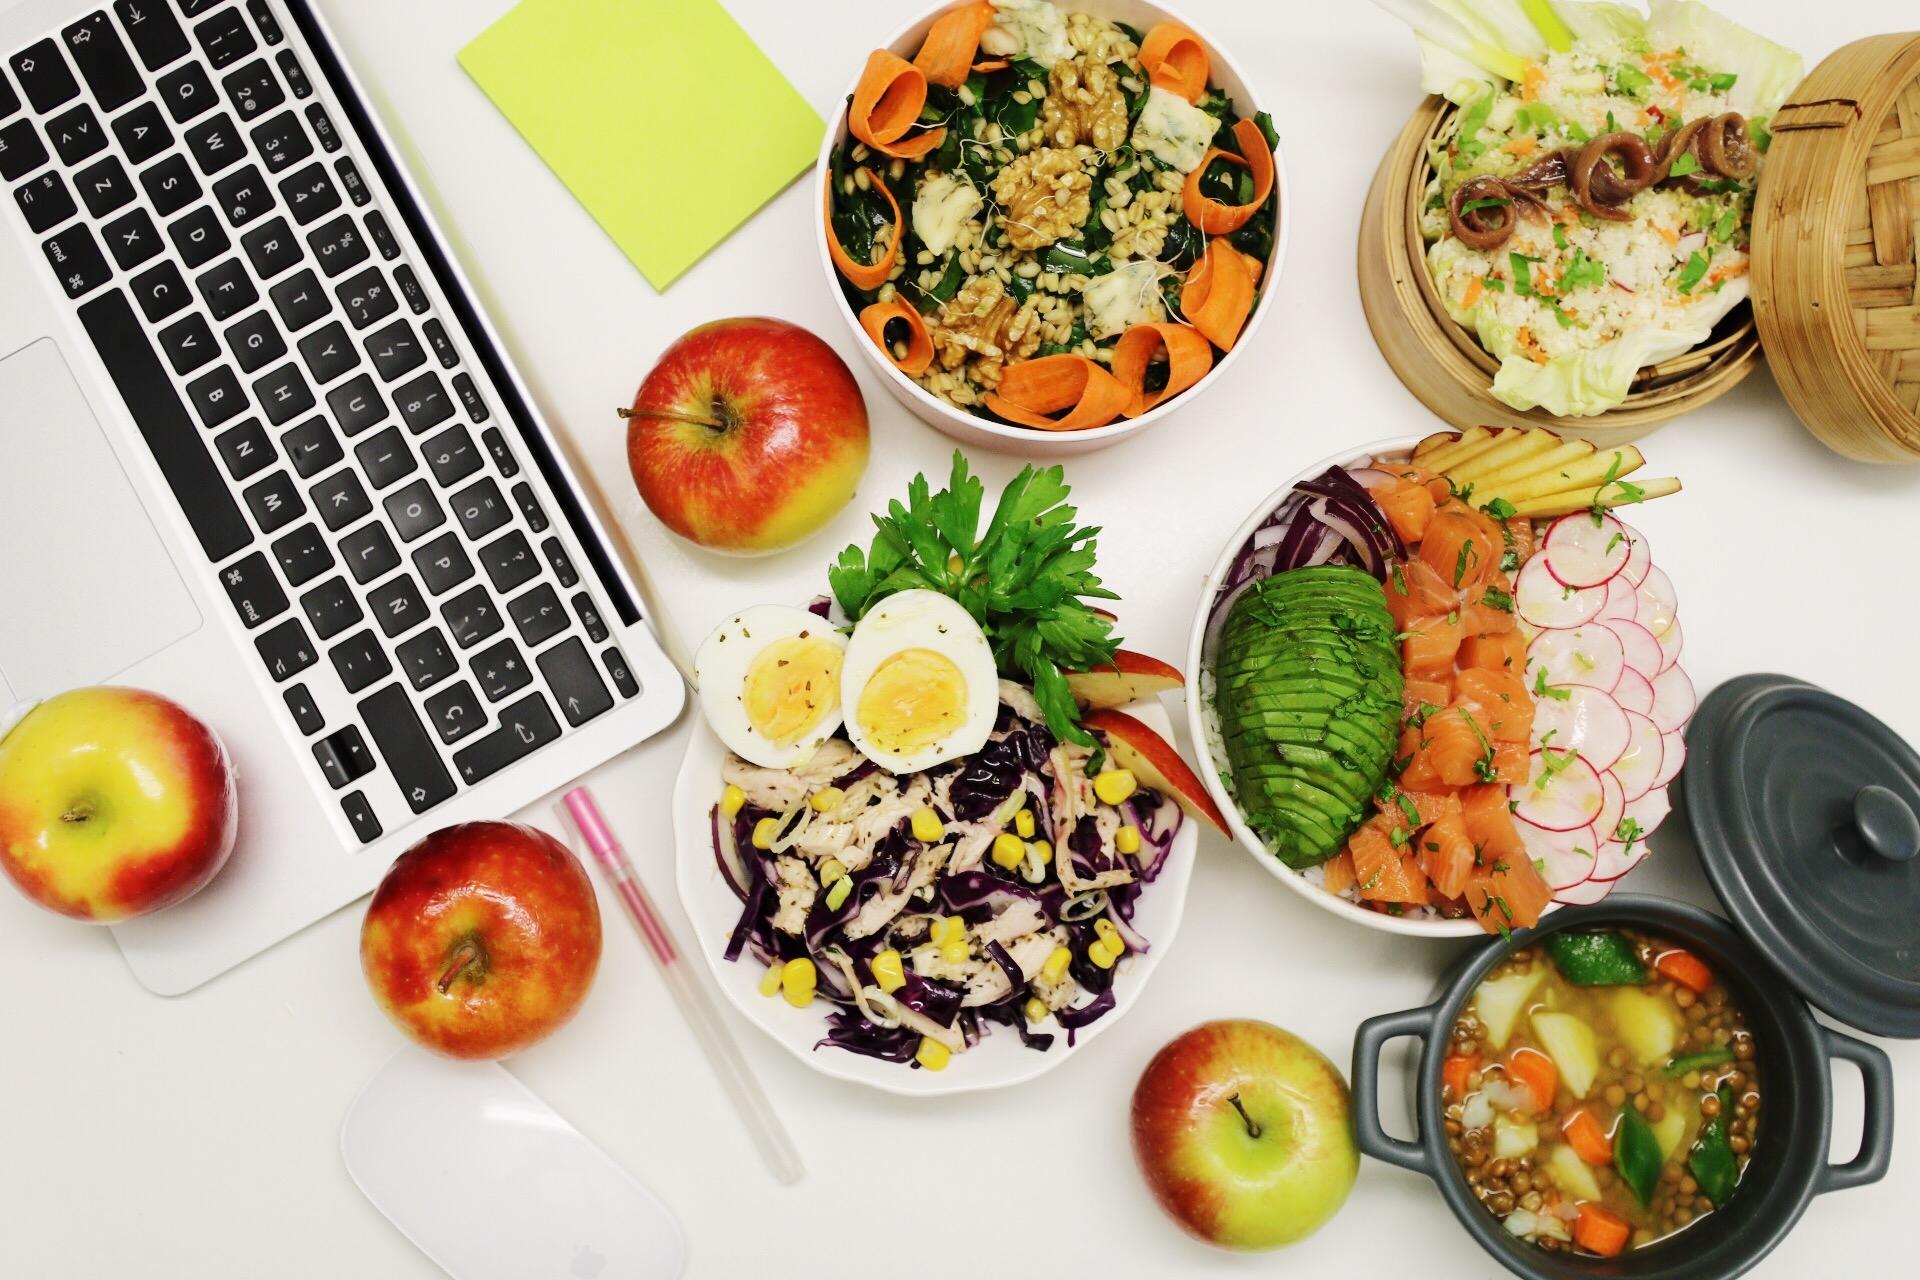 Comer bien en el trabajo ayuda a mejorar la salud y el for Comida oficina